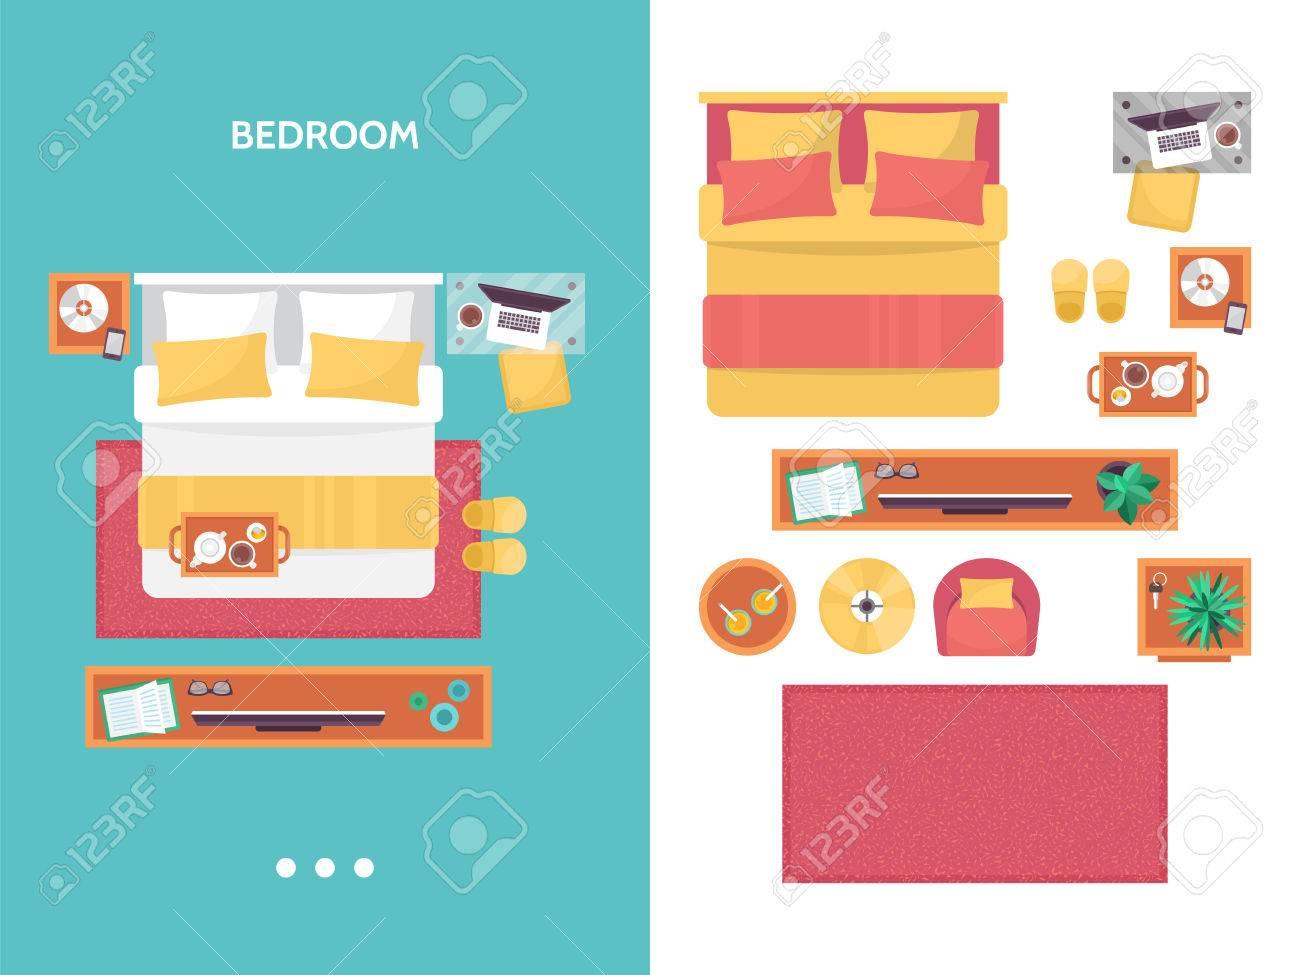 Bedroom Floor Plan Top View Furniture Set For Interior Design